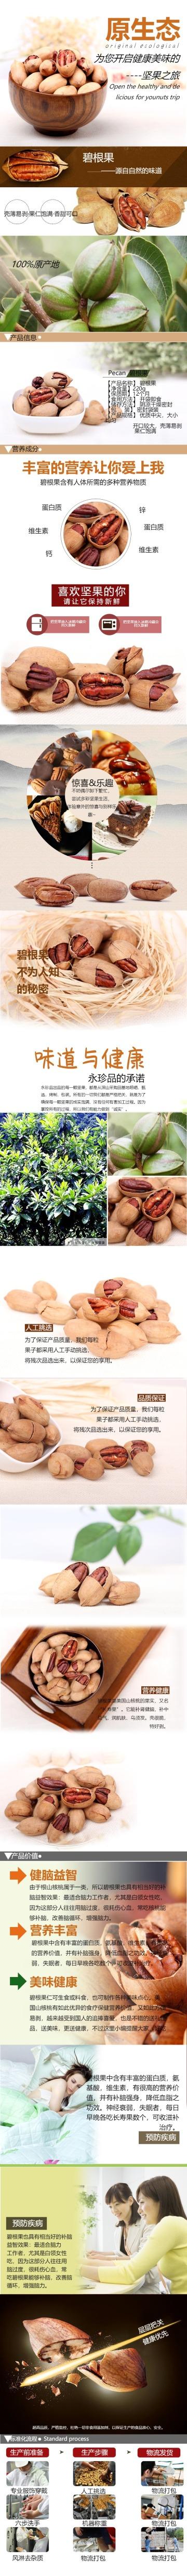 清新简约百货零售美食零食坚果碧根果促销电商详情页